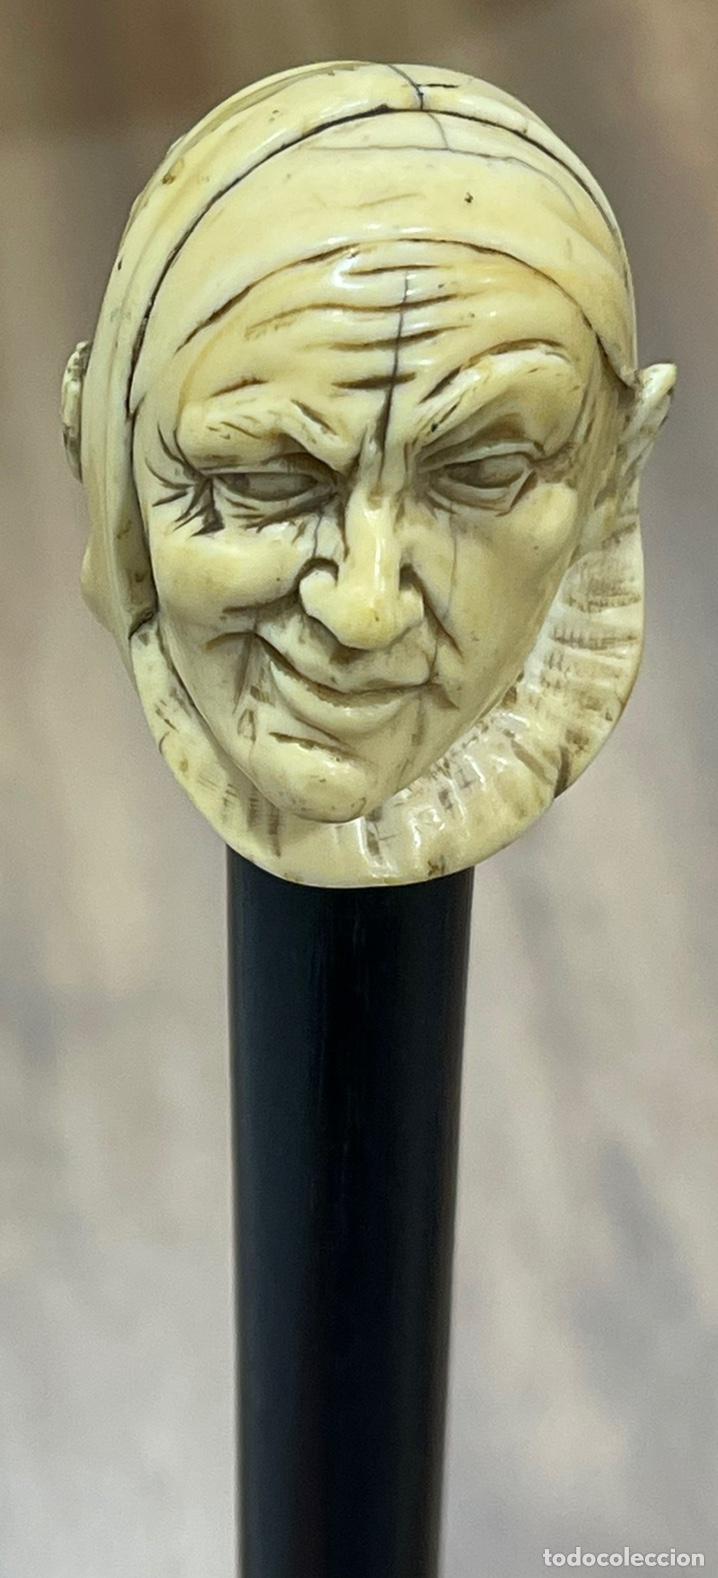 Antigüedades: Extraordinario bastón antiguo, con mango en marfil tallado, por gran maestro - Foto 7 - 251651505